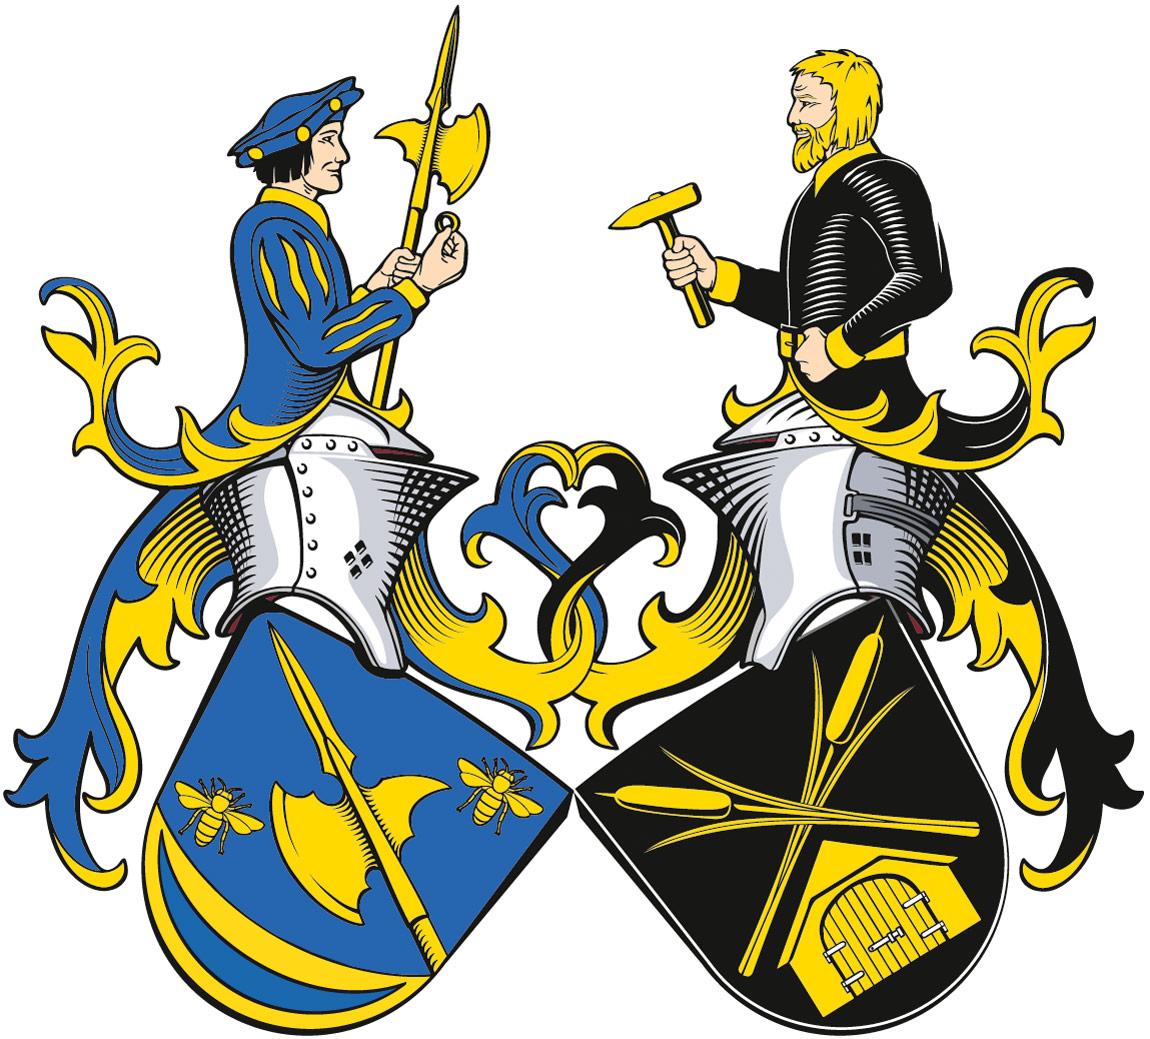 Allianzwappen Bräutigam-Rohschürmann